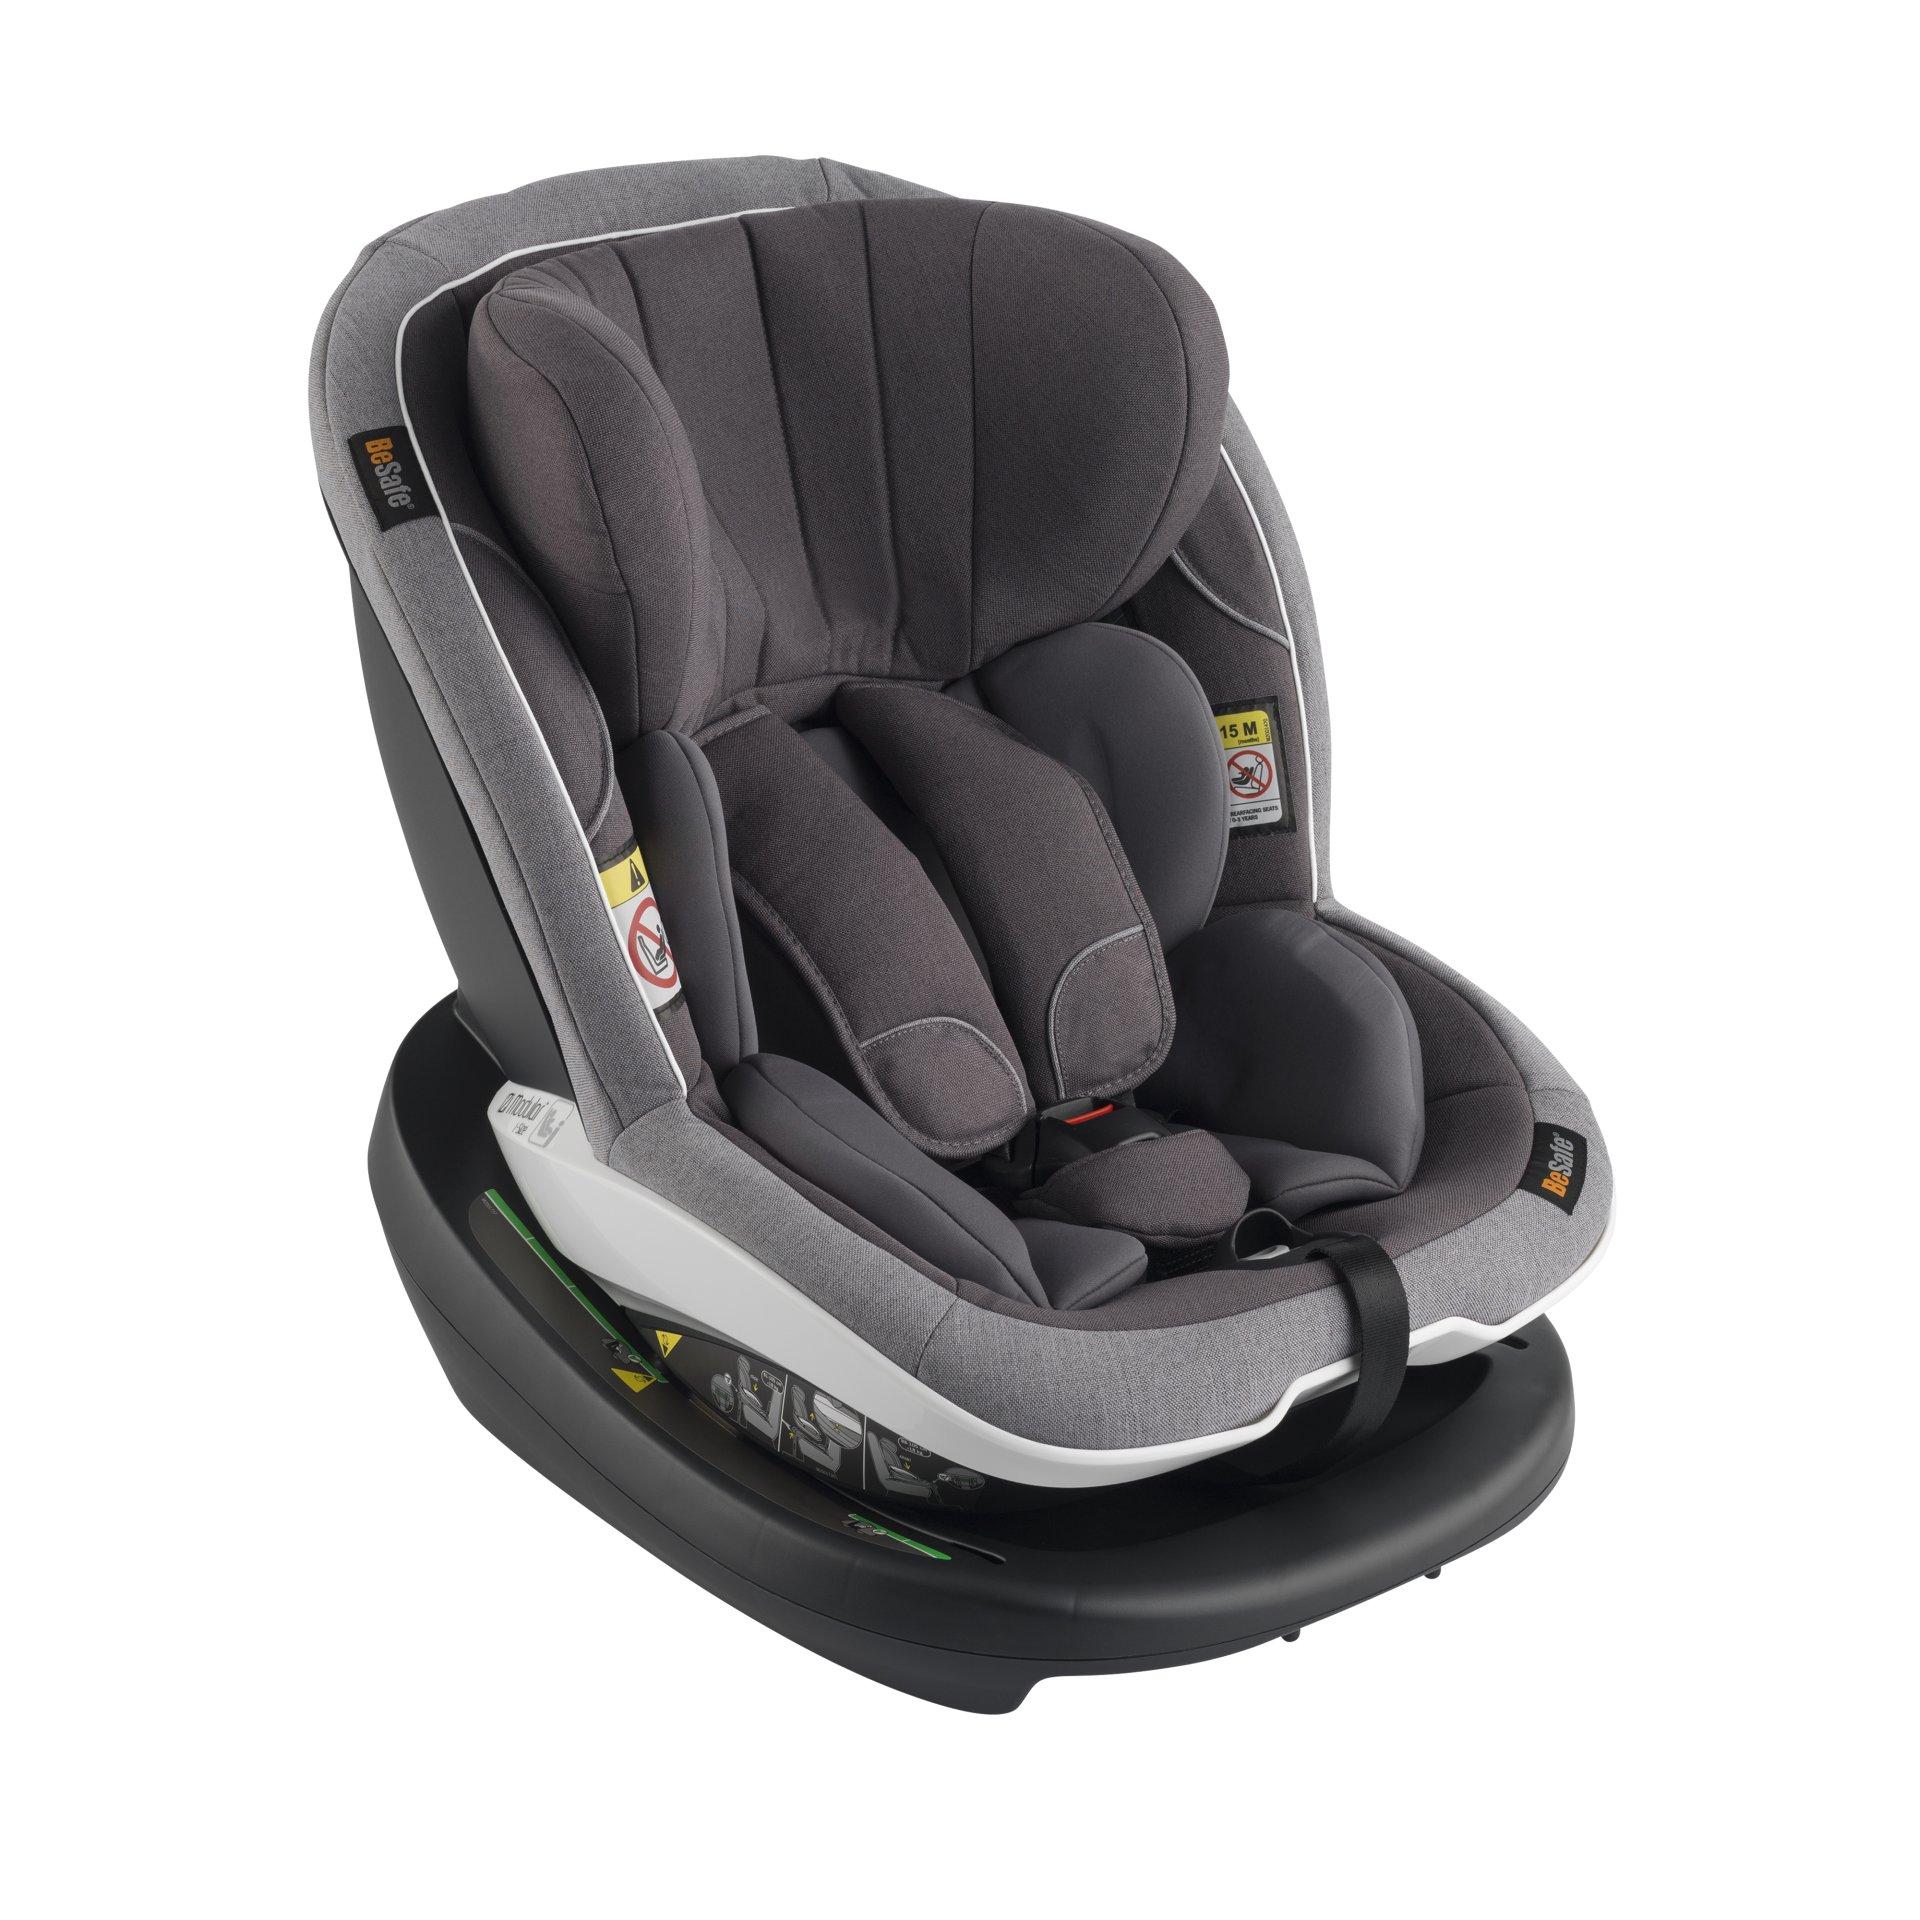 besafe car seat izi modular 2018 metallic melange buy at kidsroom car seats. Black Bedroom Furniture Sets. Home Design Ideas